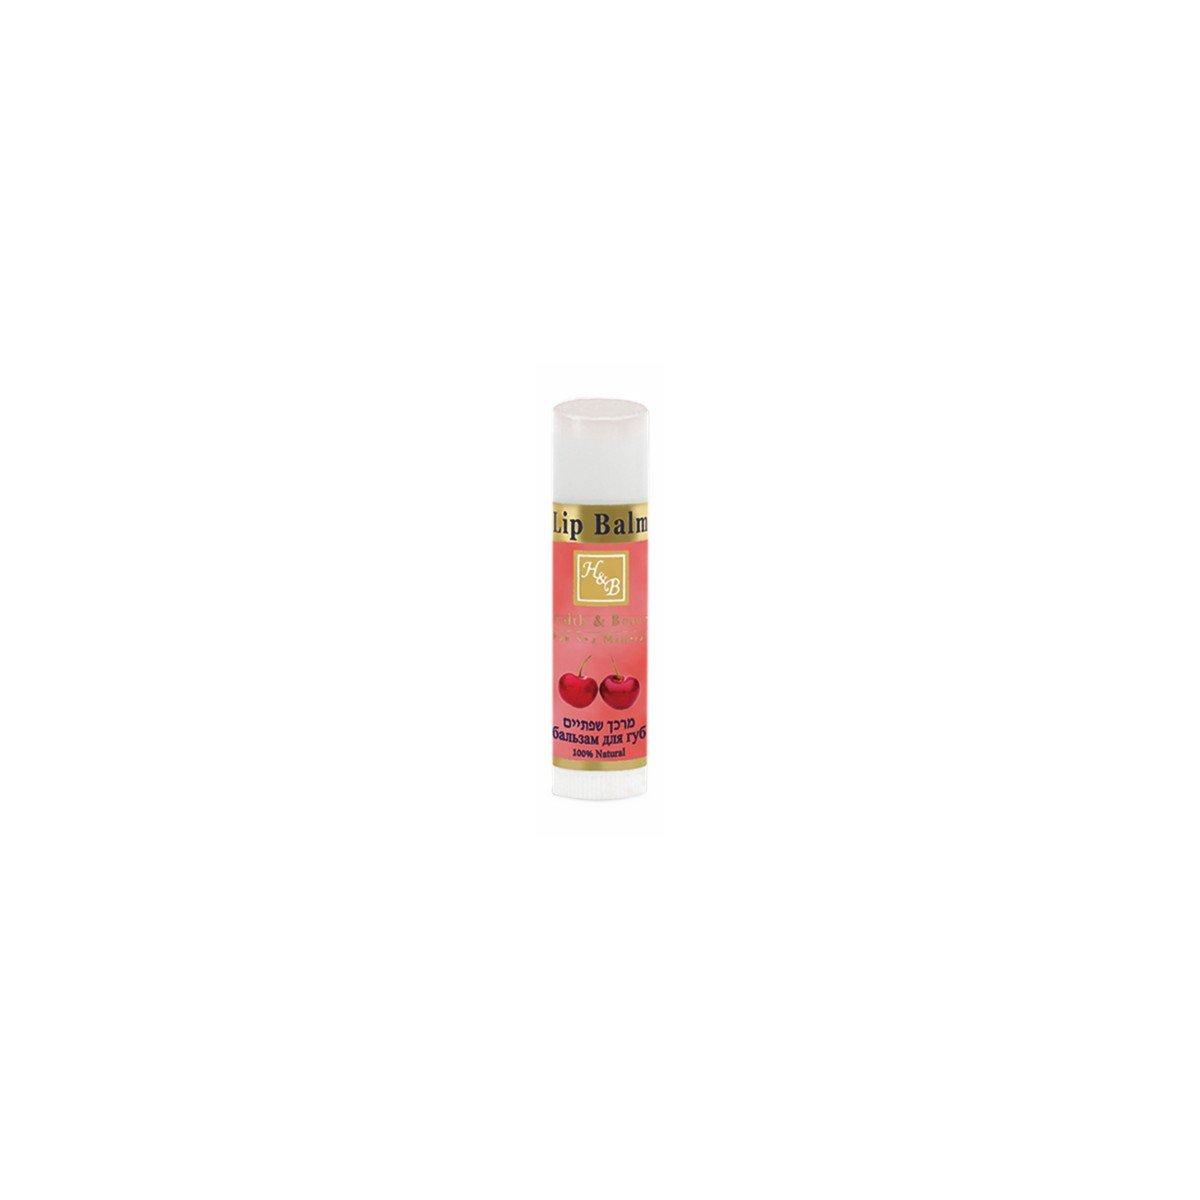 Health & Beauty Burro Labbra Profumato alla Ciliegia - 5 ml HEB130